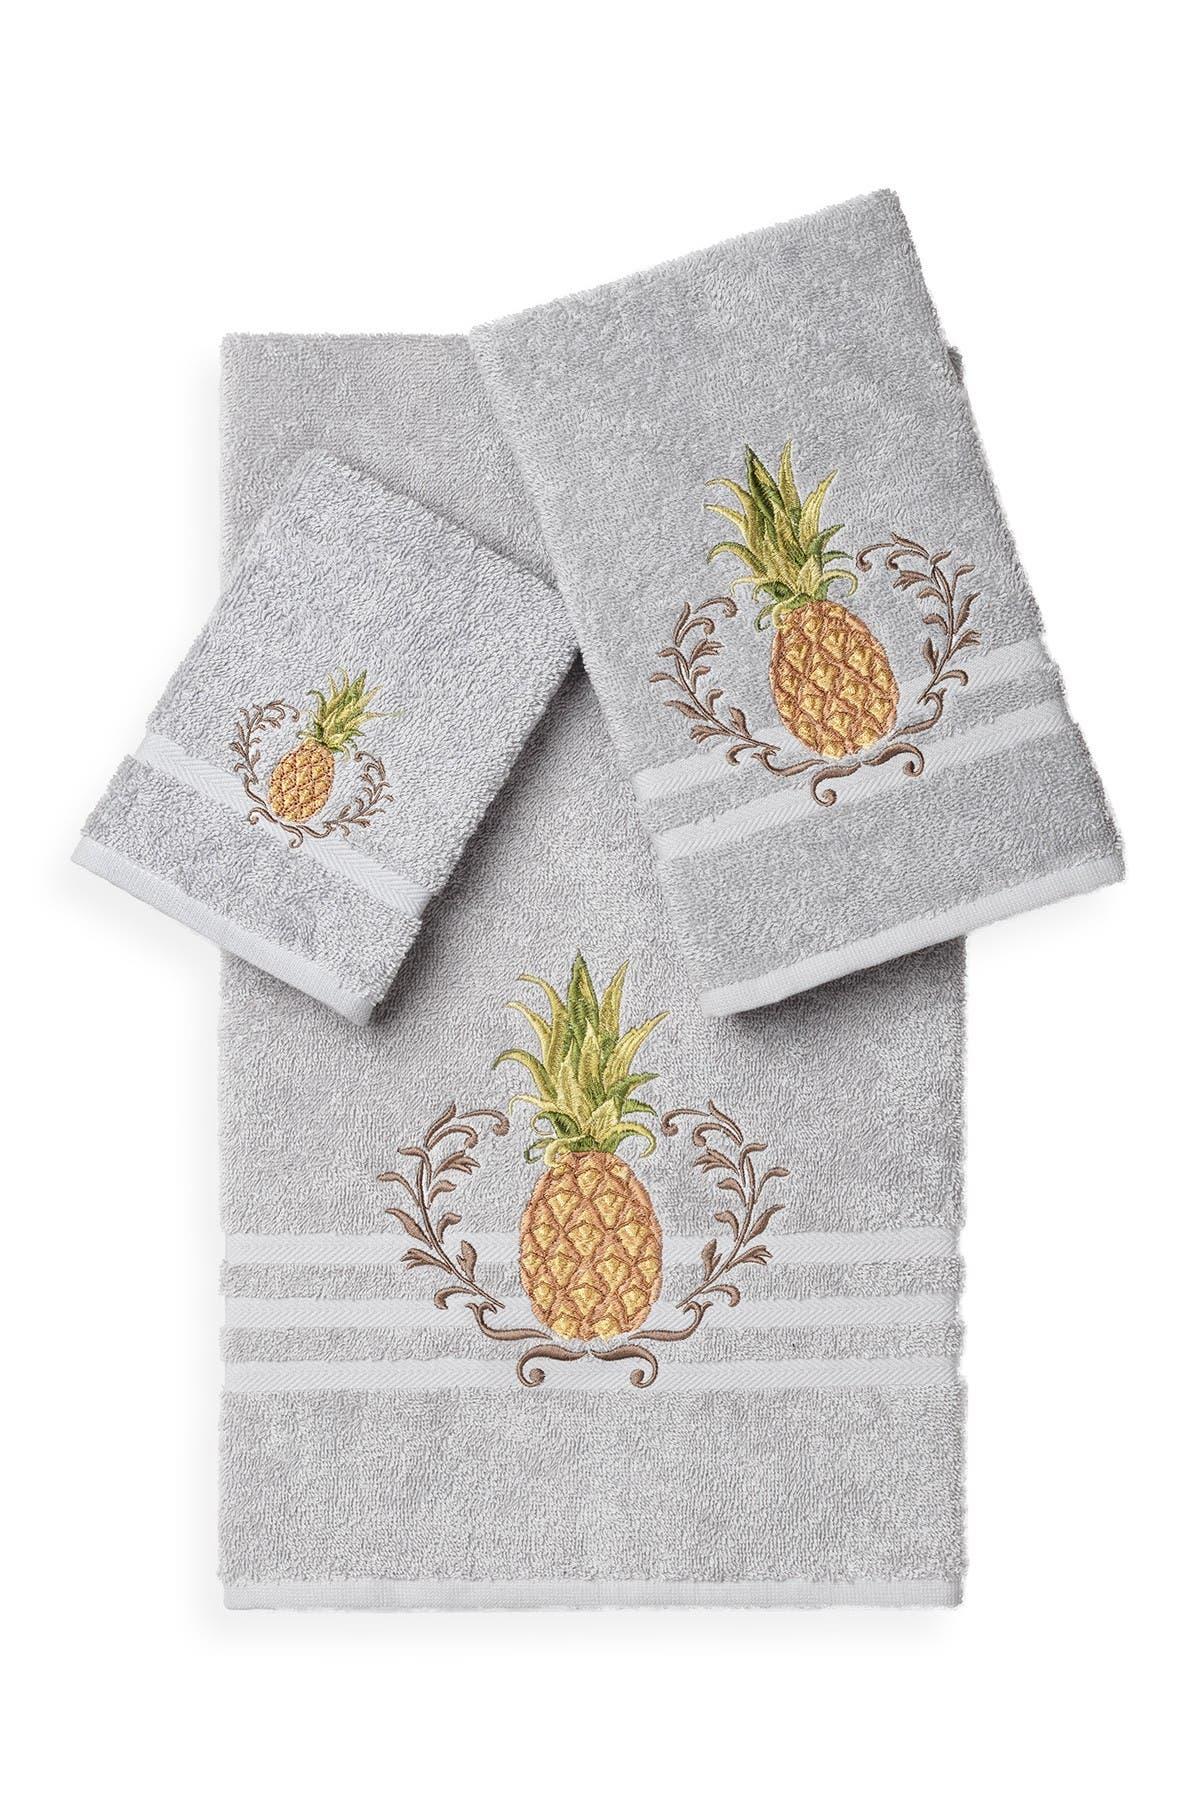 Image of LINUM TOWELS Welcome 3-Piece Embellished Towel Set - Light Grey